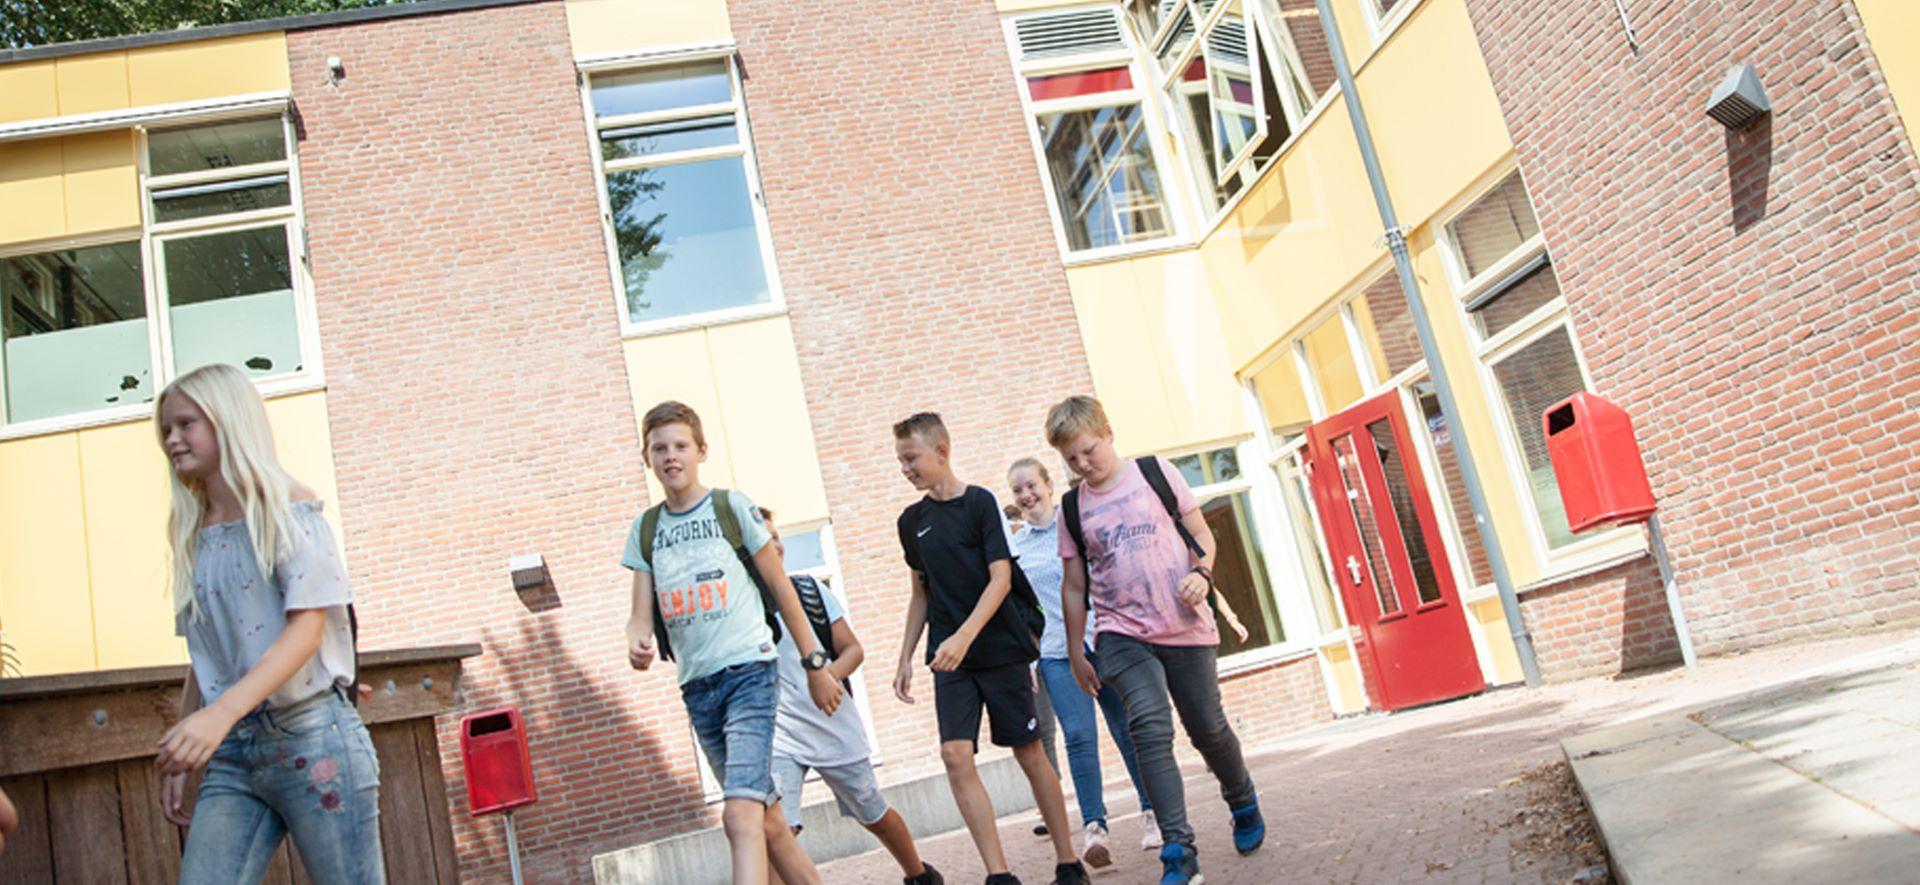 https://www.ubboemmius.nl/wp-content/uploads/2018/09/20180820_Ubbo_online_beeldmateriaal_1_overdezelocatie.jpg